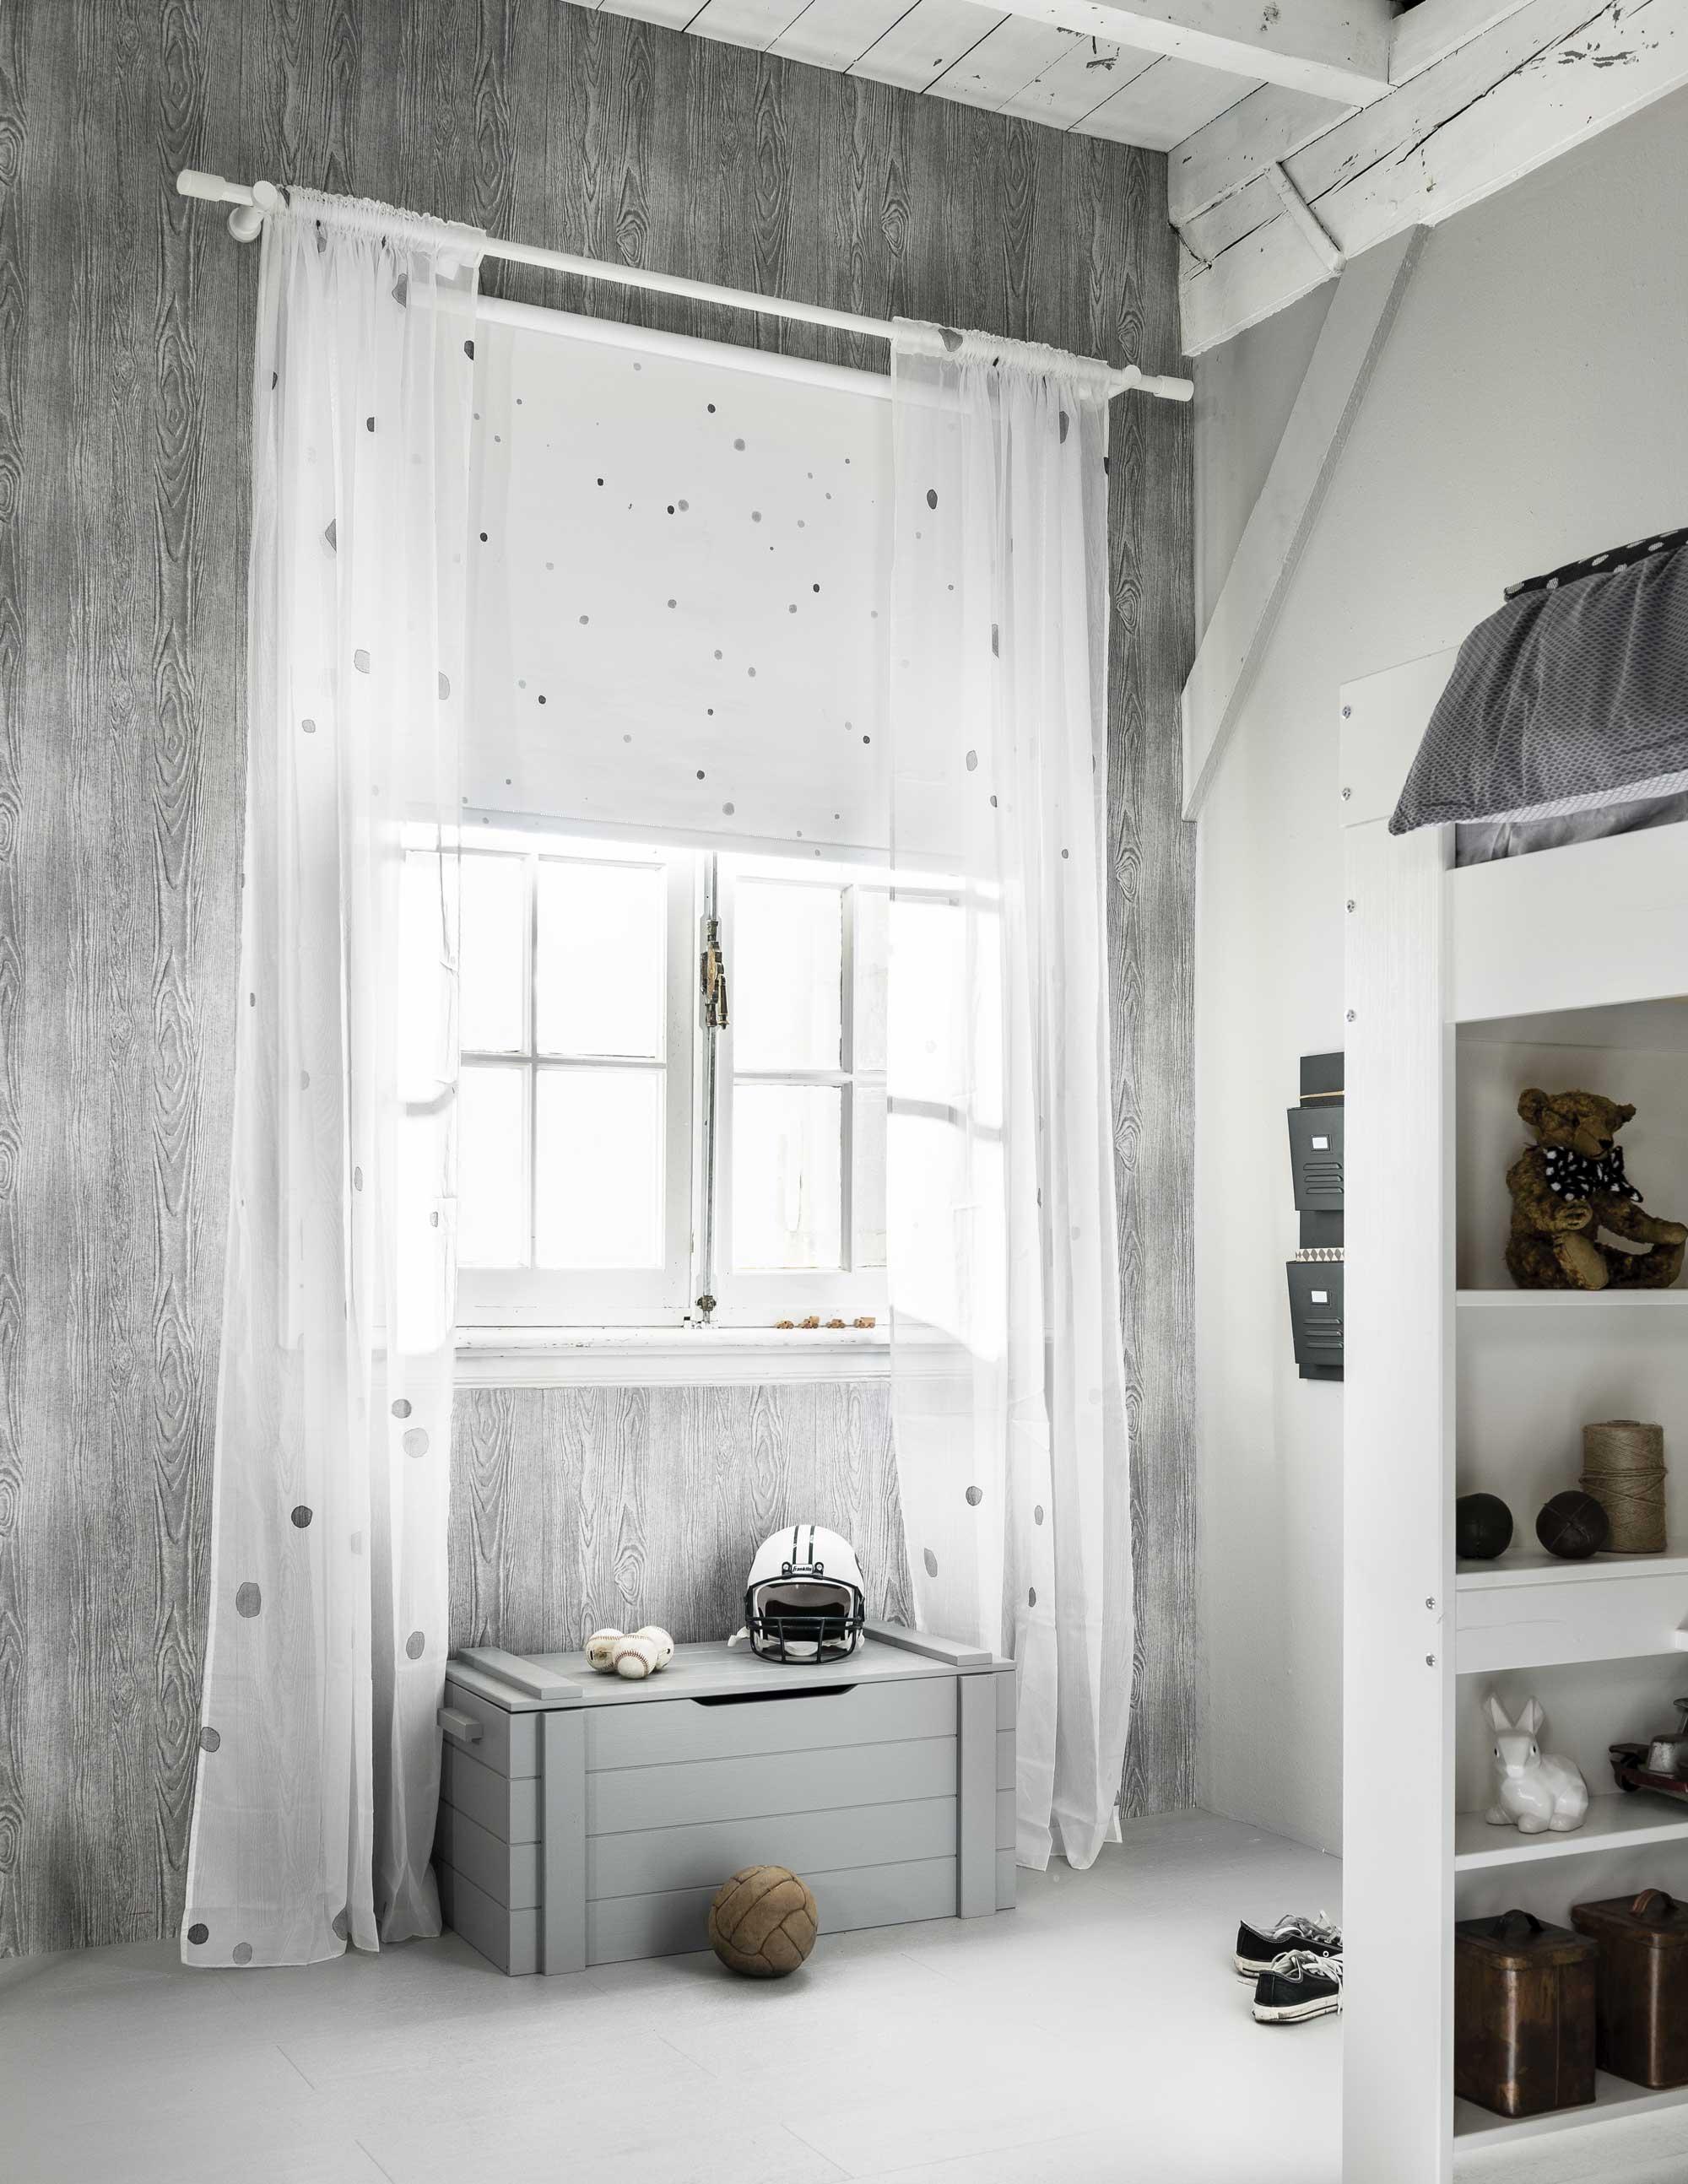 slaapkamer-karwei-raam-decoratie